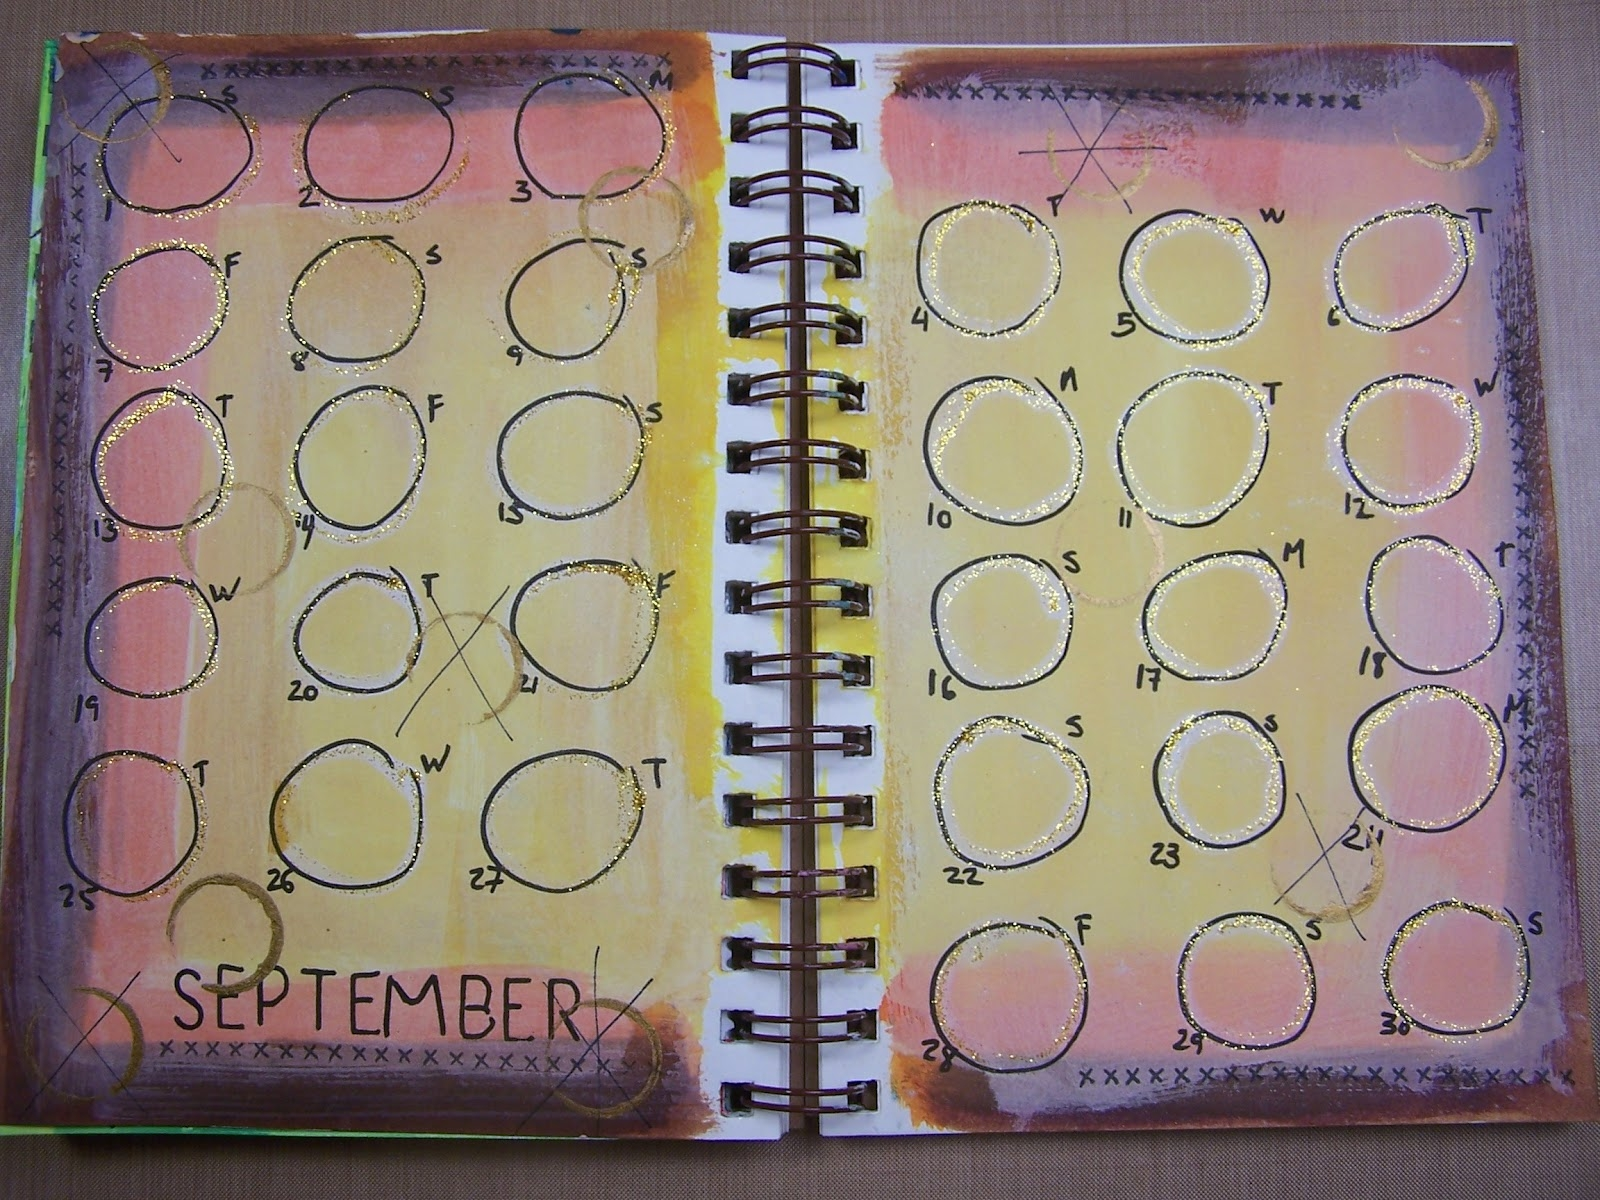 Tatteredroses41 Art Journal Calendar September 89uj